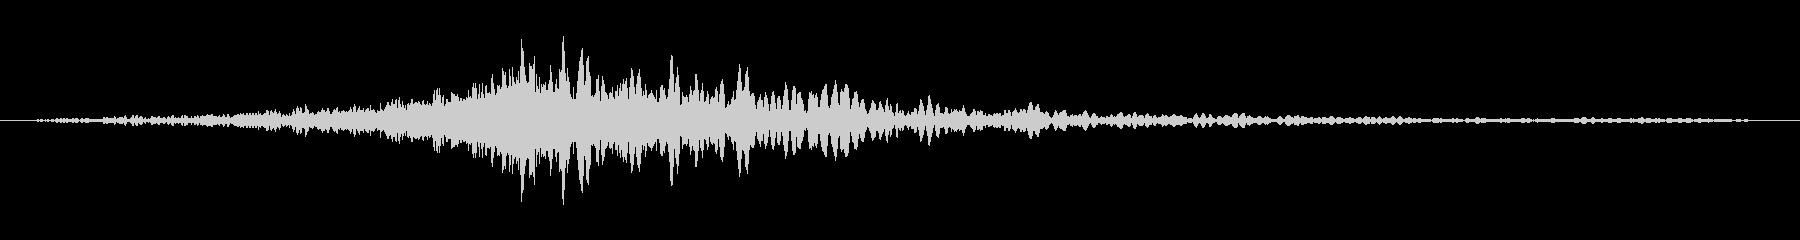 ドーン(映画CMでのタイトル表示音)の未再生の波形